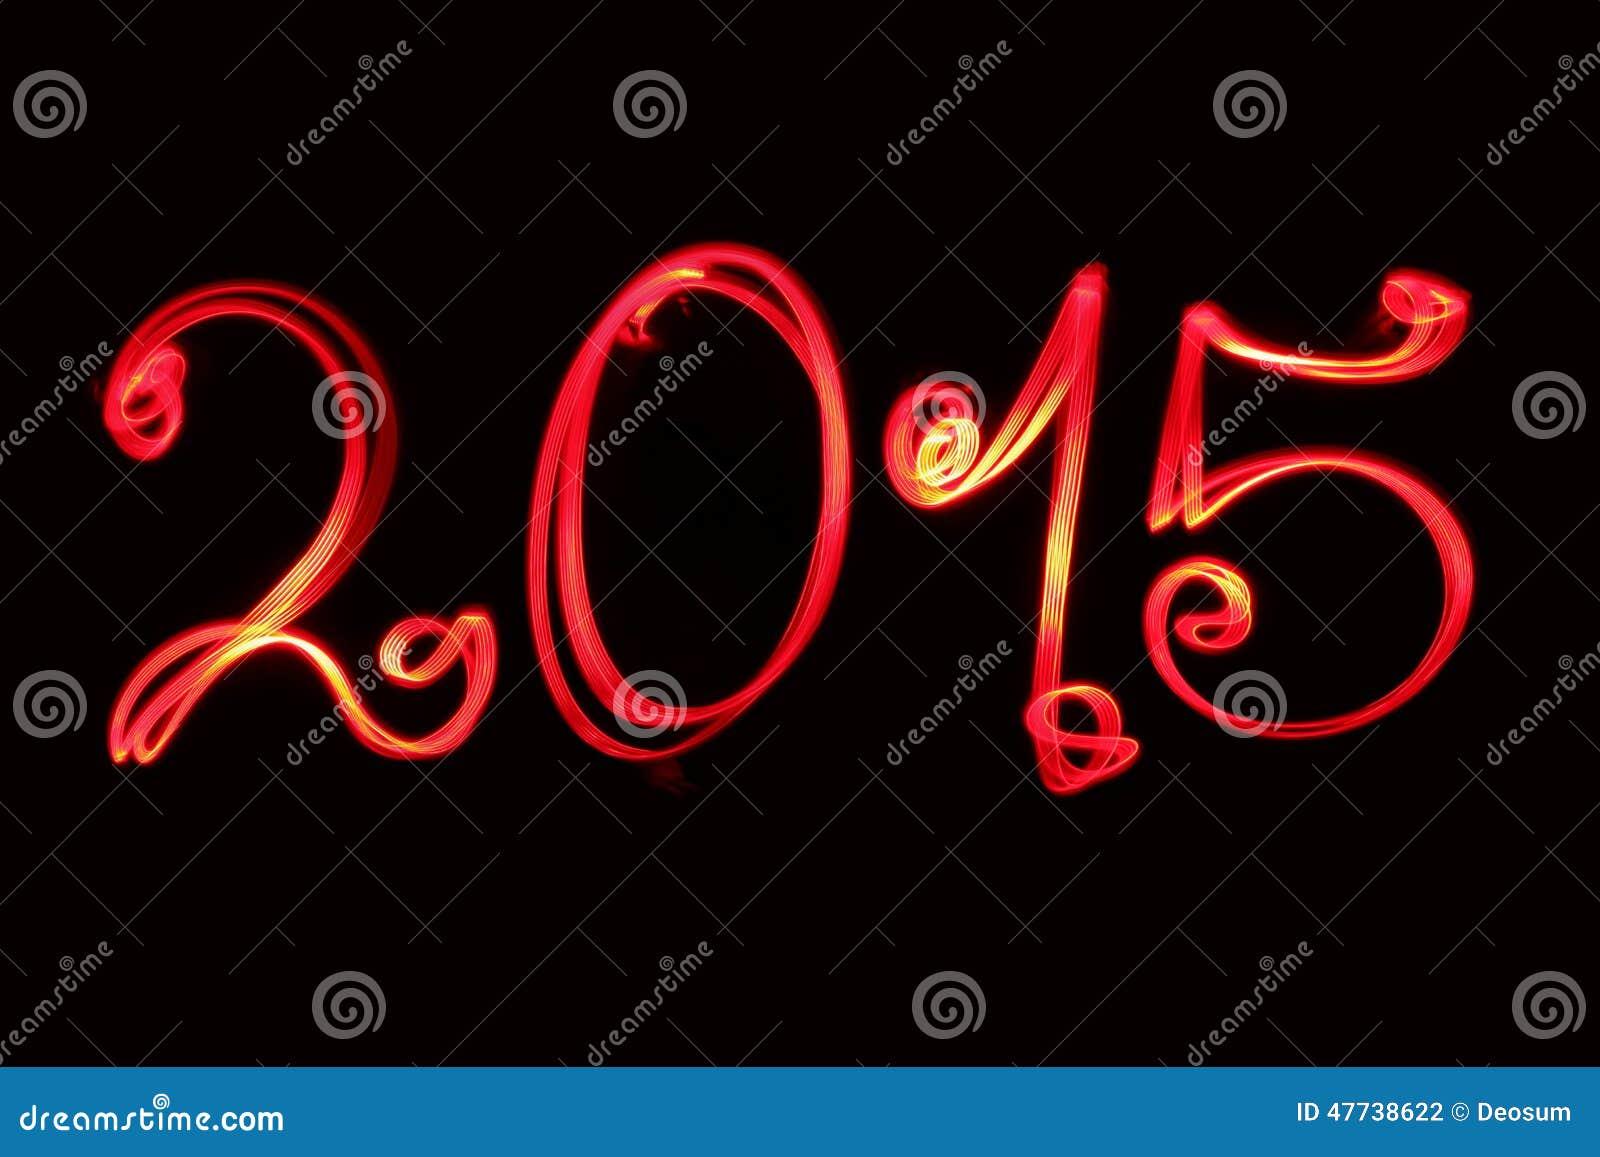 Guten Rutsch Ins Neue Jahr 2015 Grüßend Geschrieben Durch Rotes ...